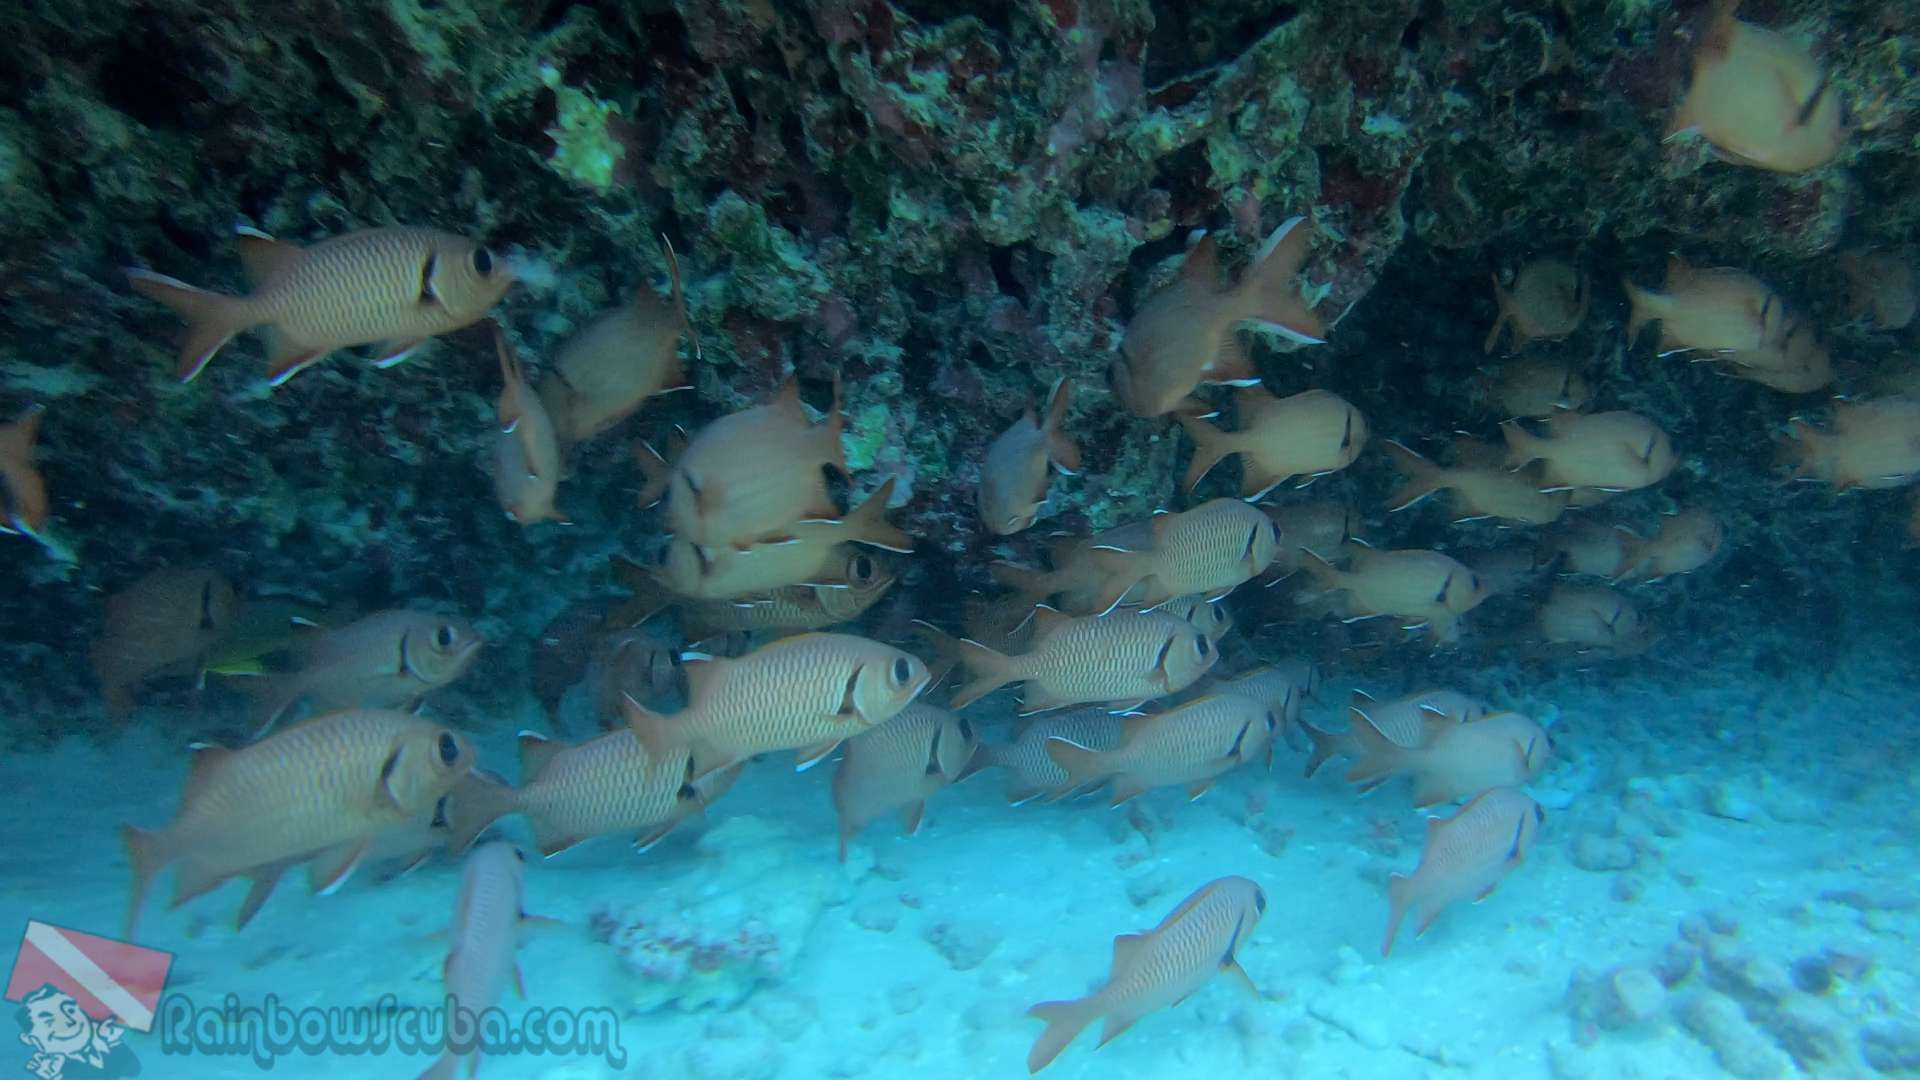 Scuba diving oahu by Rainbow Scuba Hawaii on Rainbow Scuba